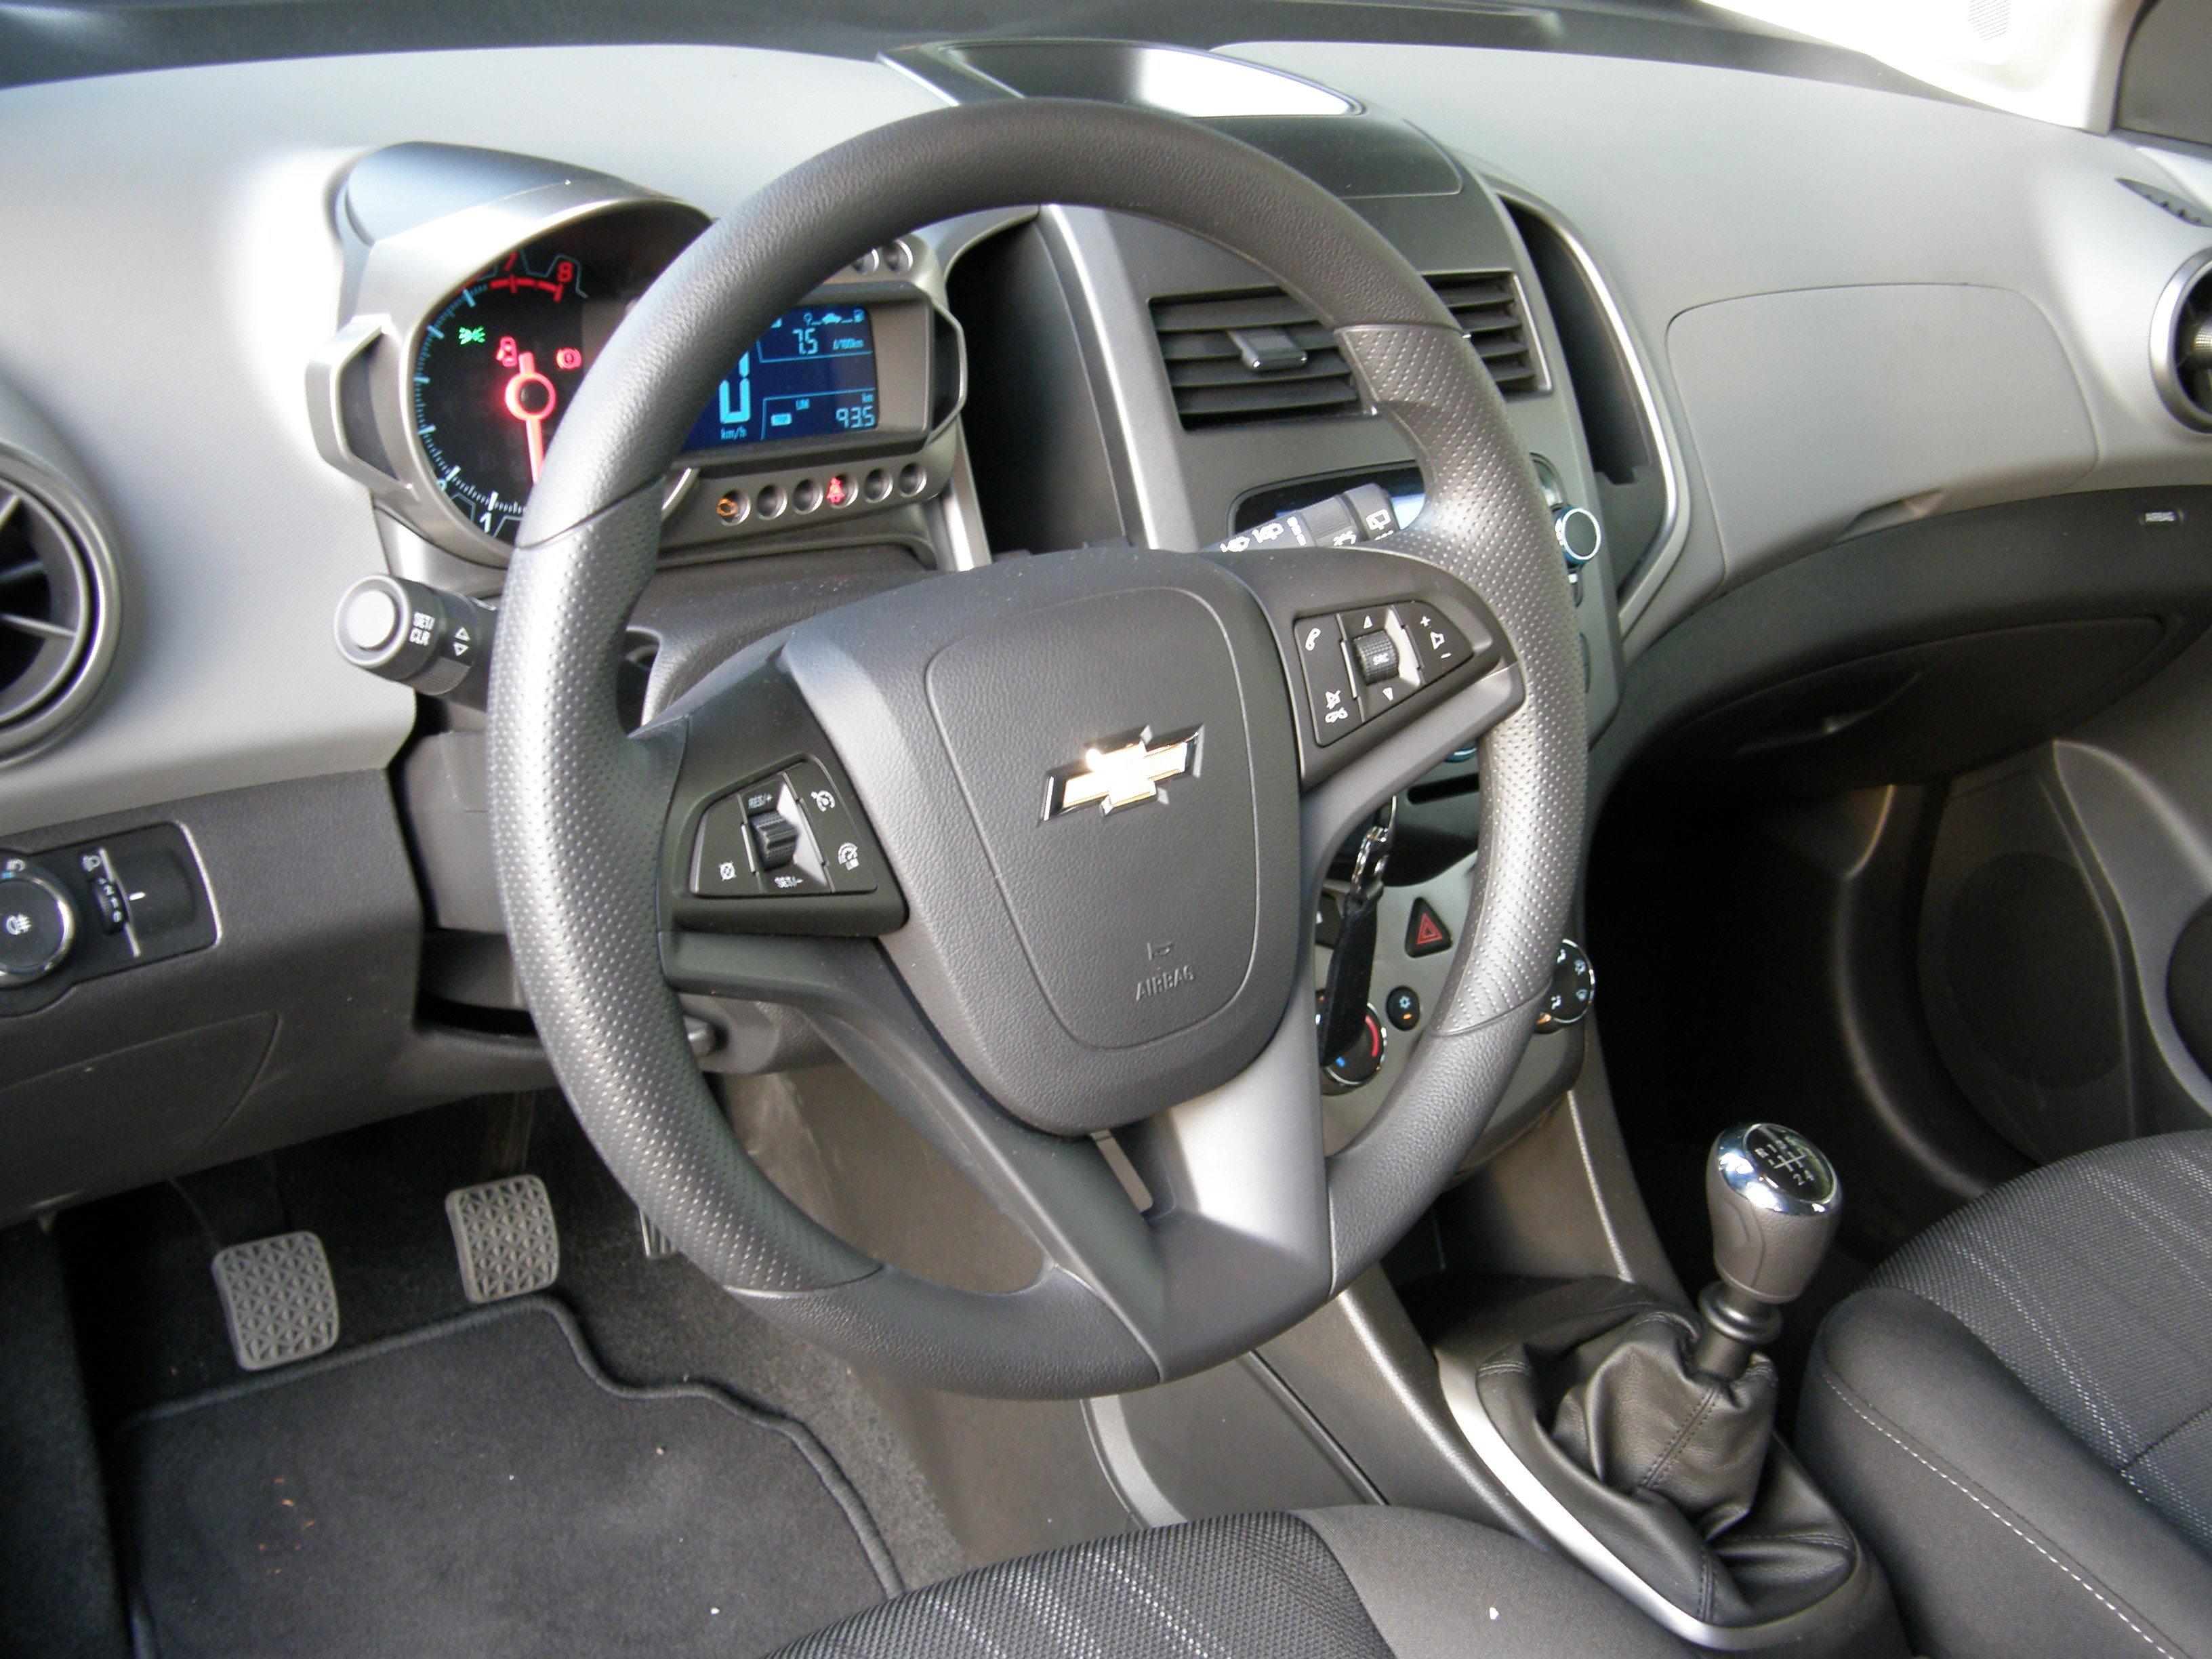 Essai vid o chevrolet aveo 1 2 et 1 4 grands changements for Chevrolet interieur